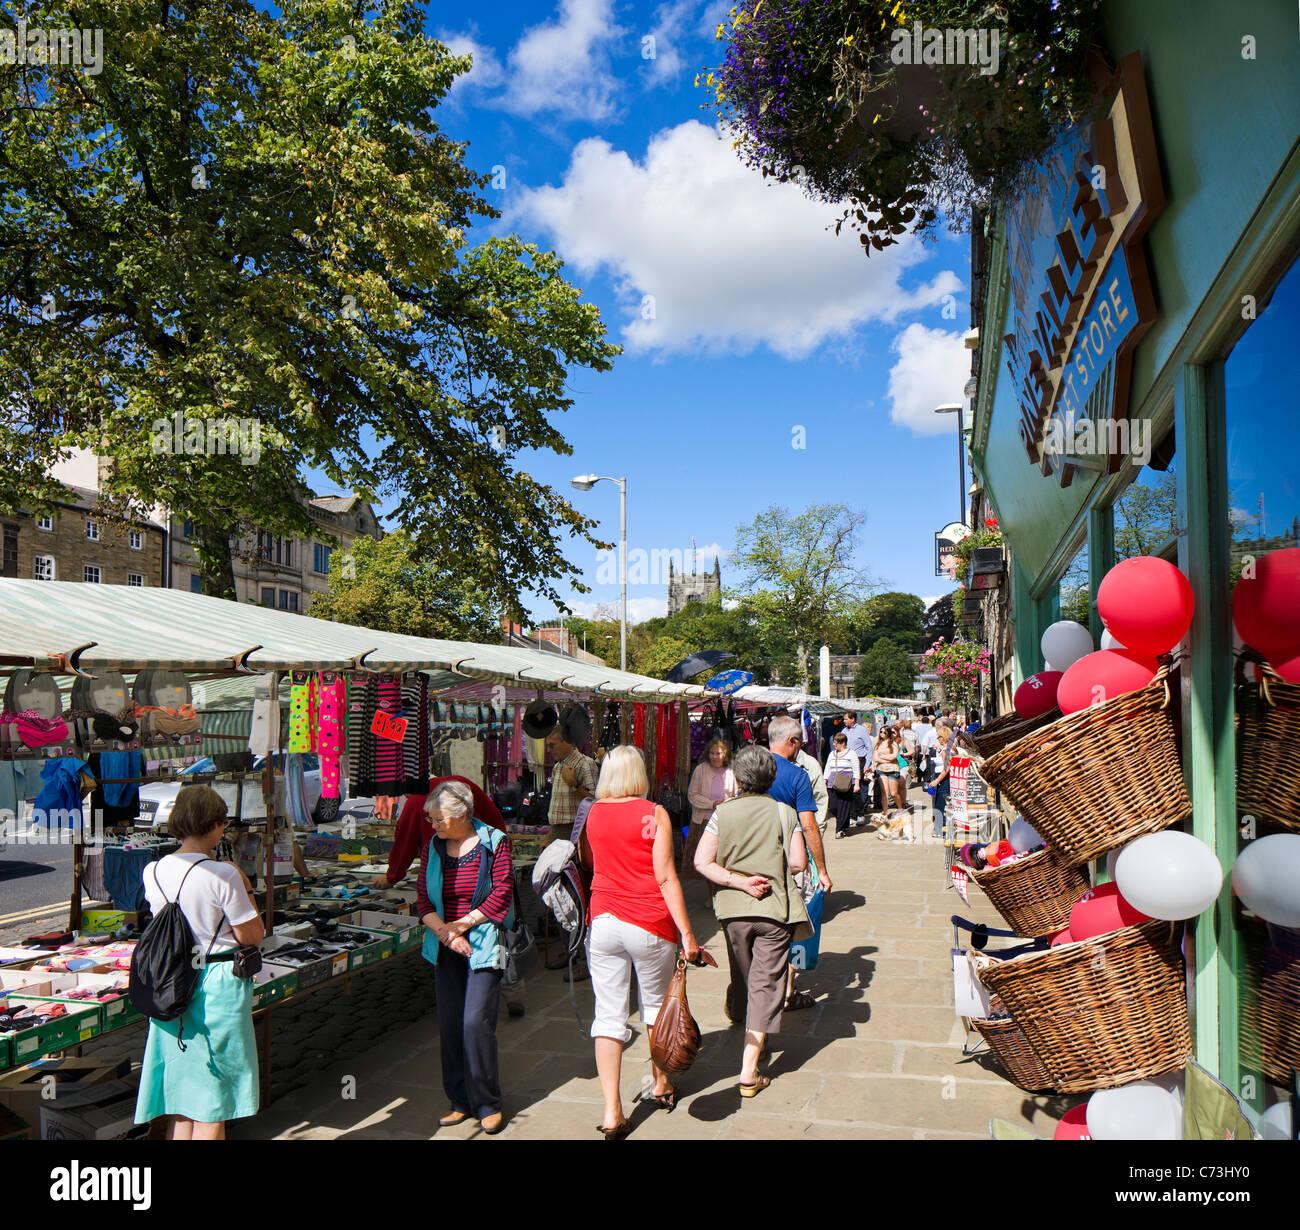 Les étals de marché sur la rue principale à Skipton, North Yorkshire, England, UK Photo Stock